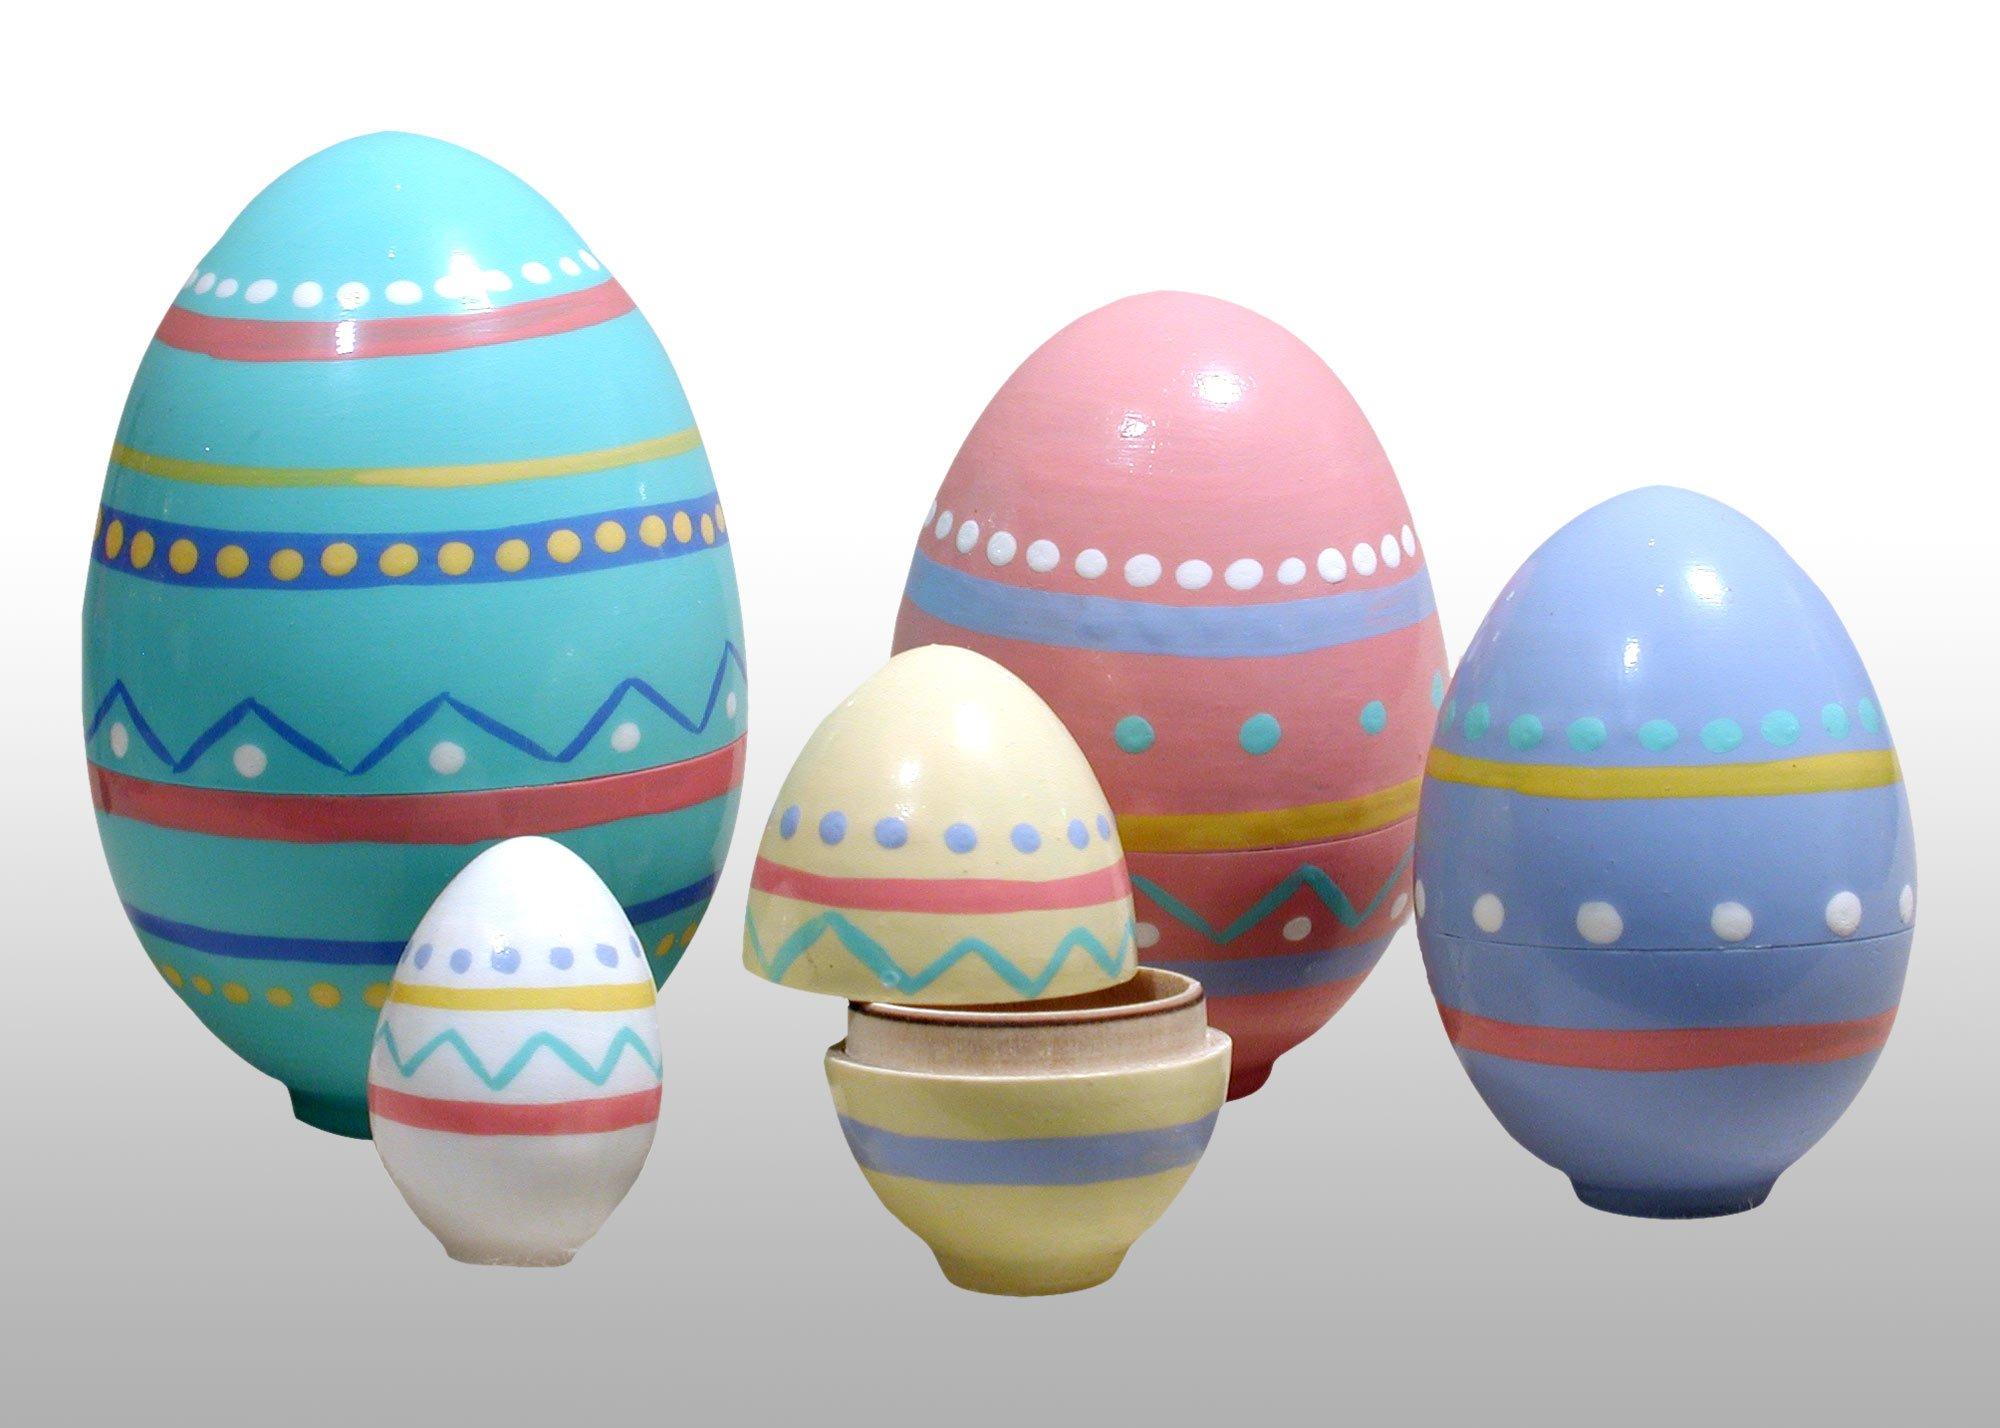 Nesting Easter Eggs 5pc./4'' by Golden Cockerel